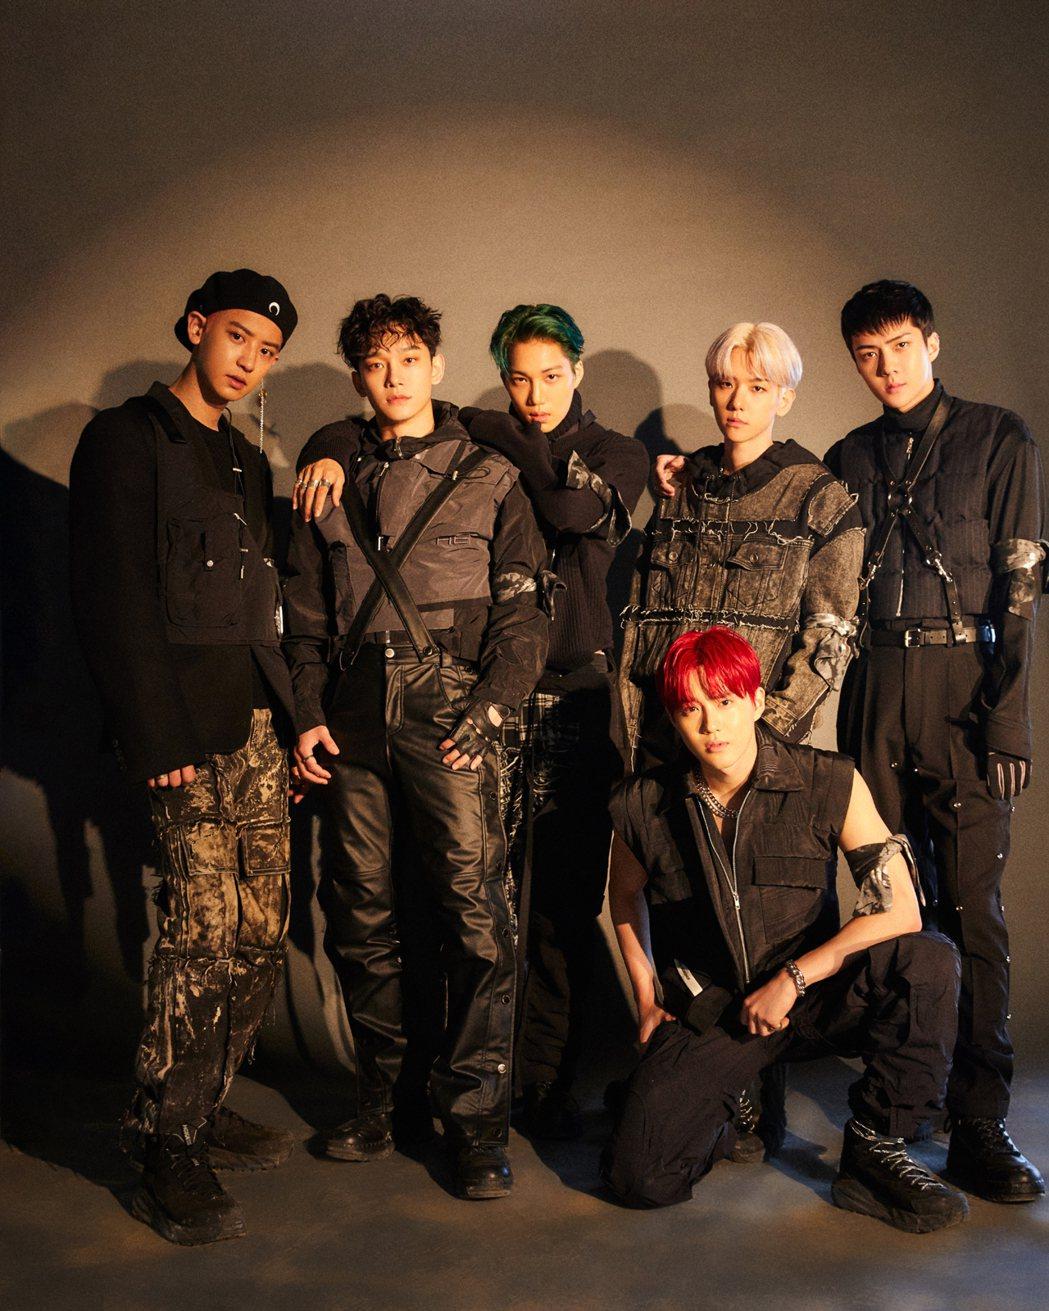 EXO最新專輯又橫掃各大排行榜。圖/愛貝克思提供